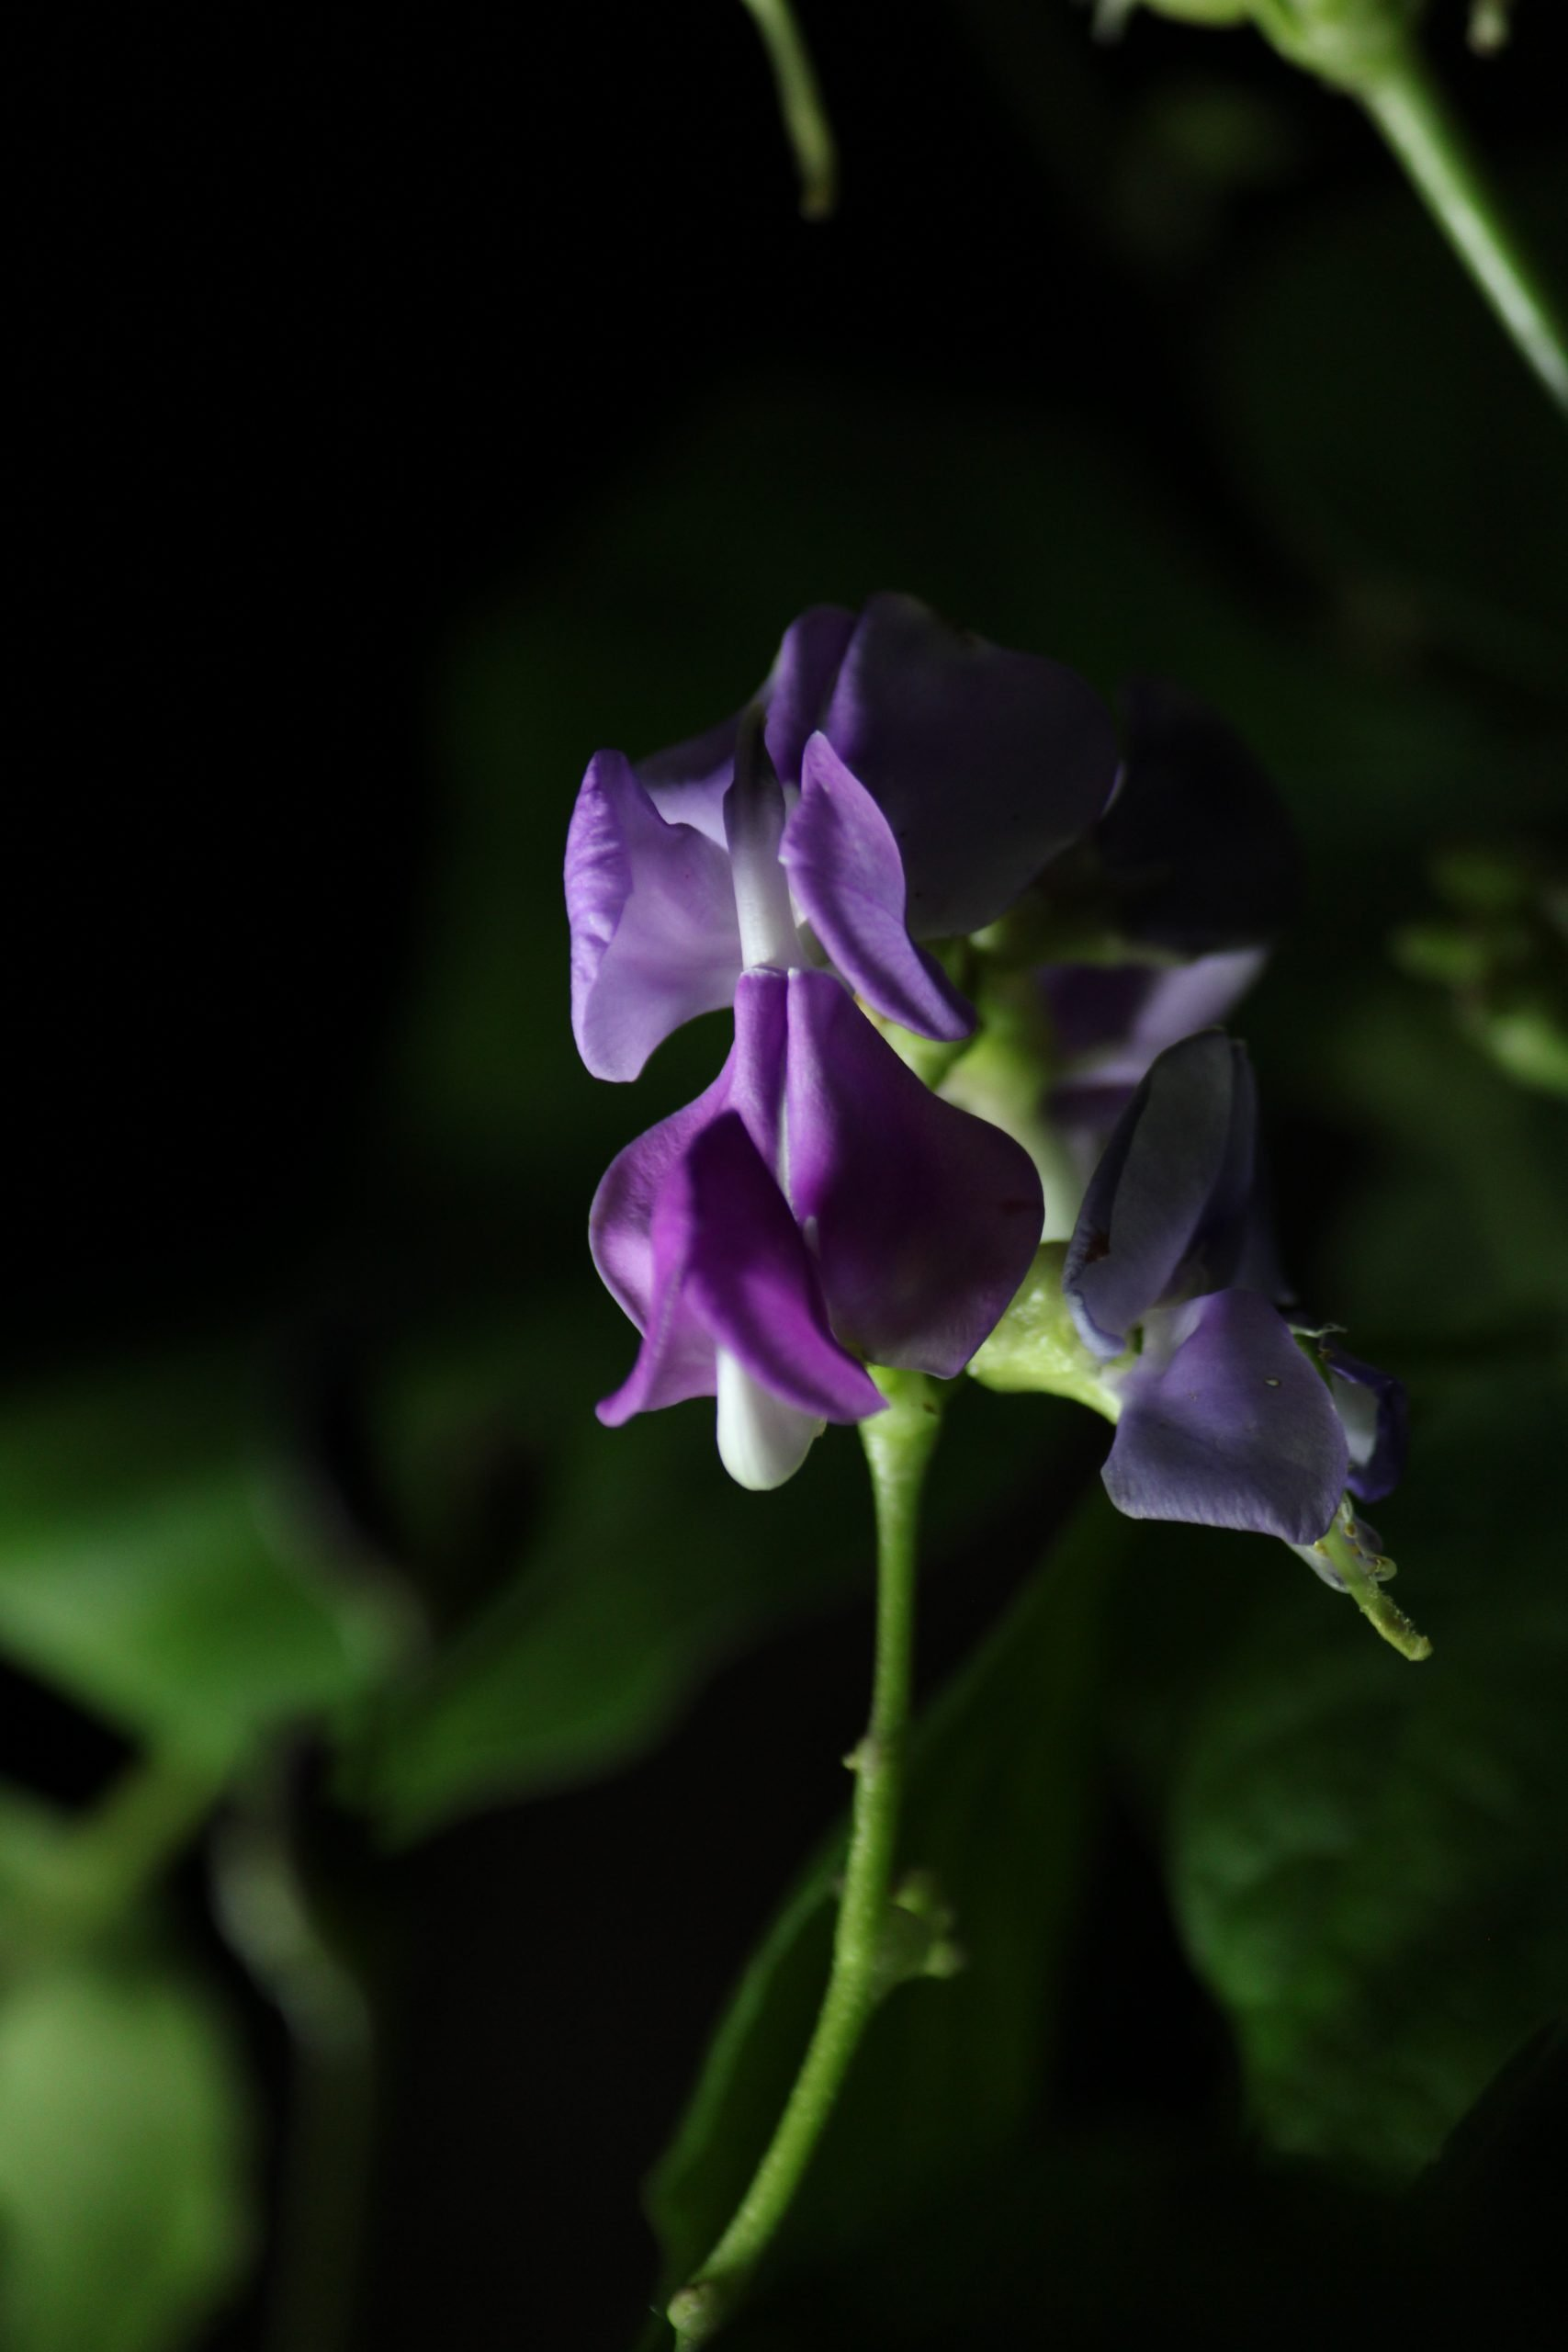 Blooming Violet Flower